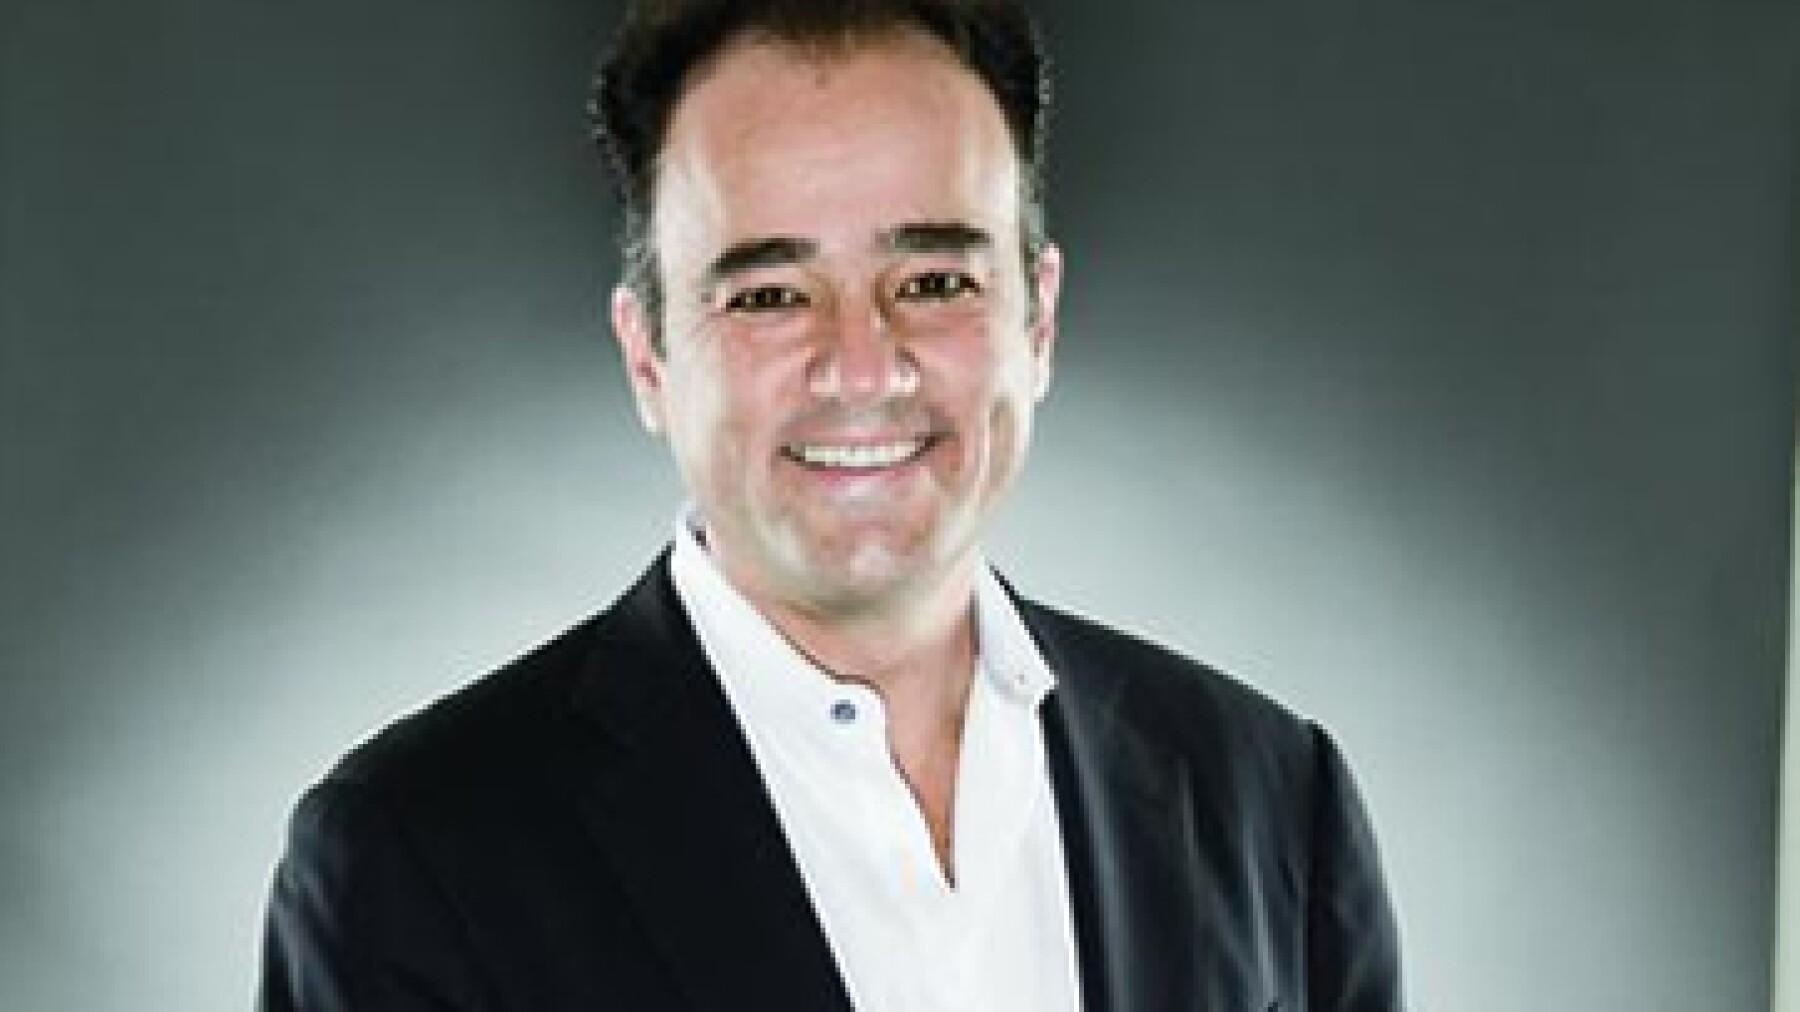 Alejandro Zozaya apostó en 2001 a un nuevo concepto de hotelería: ?all inclusive? de lujo, con el cual fundó la cadena AMResorts. (Foto: Carlos Aranda/Mondaphoto)